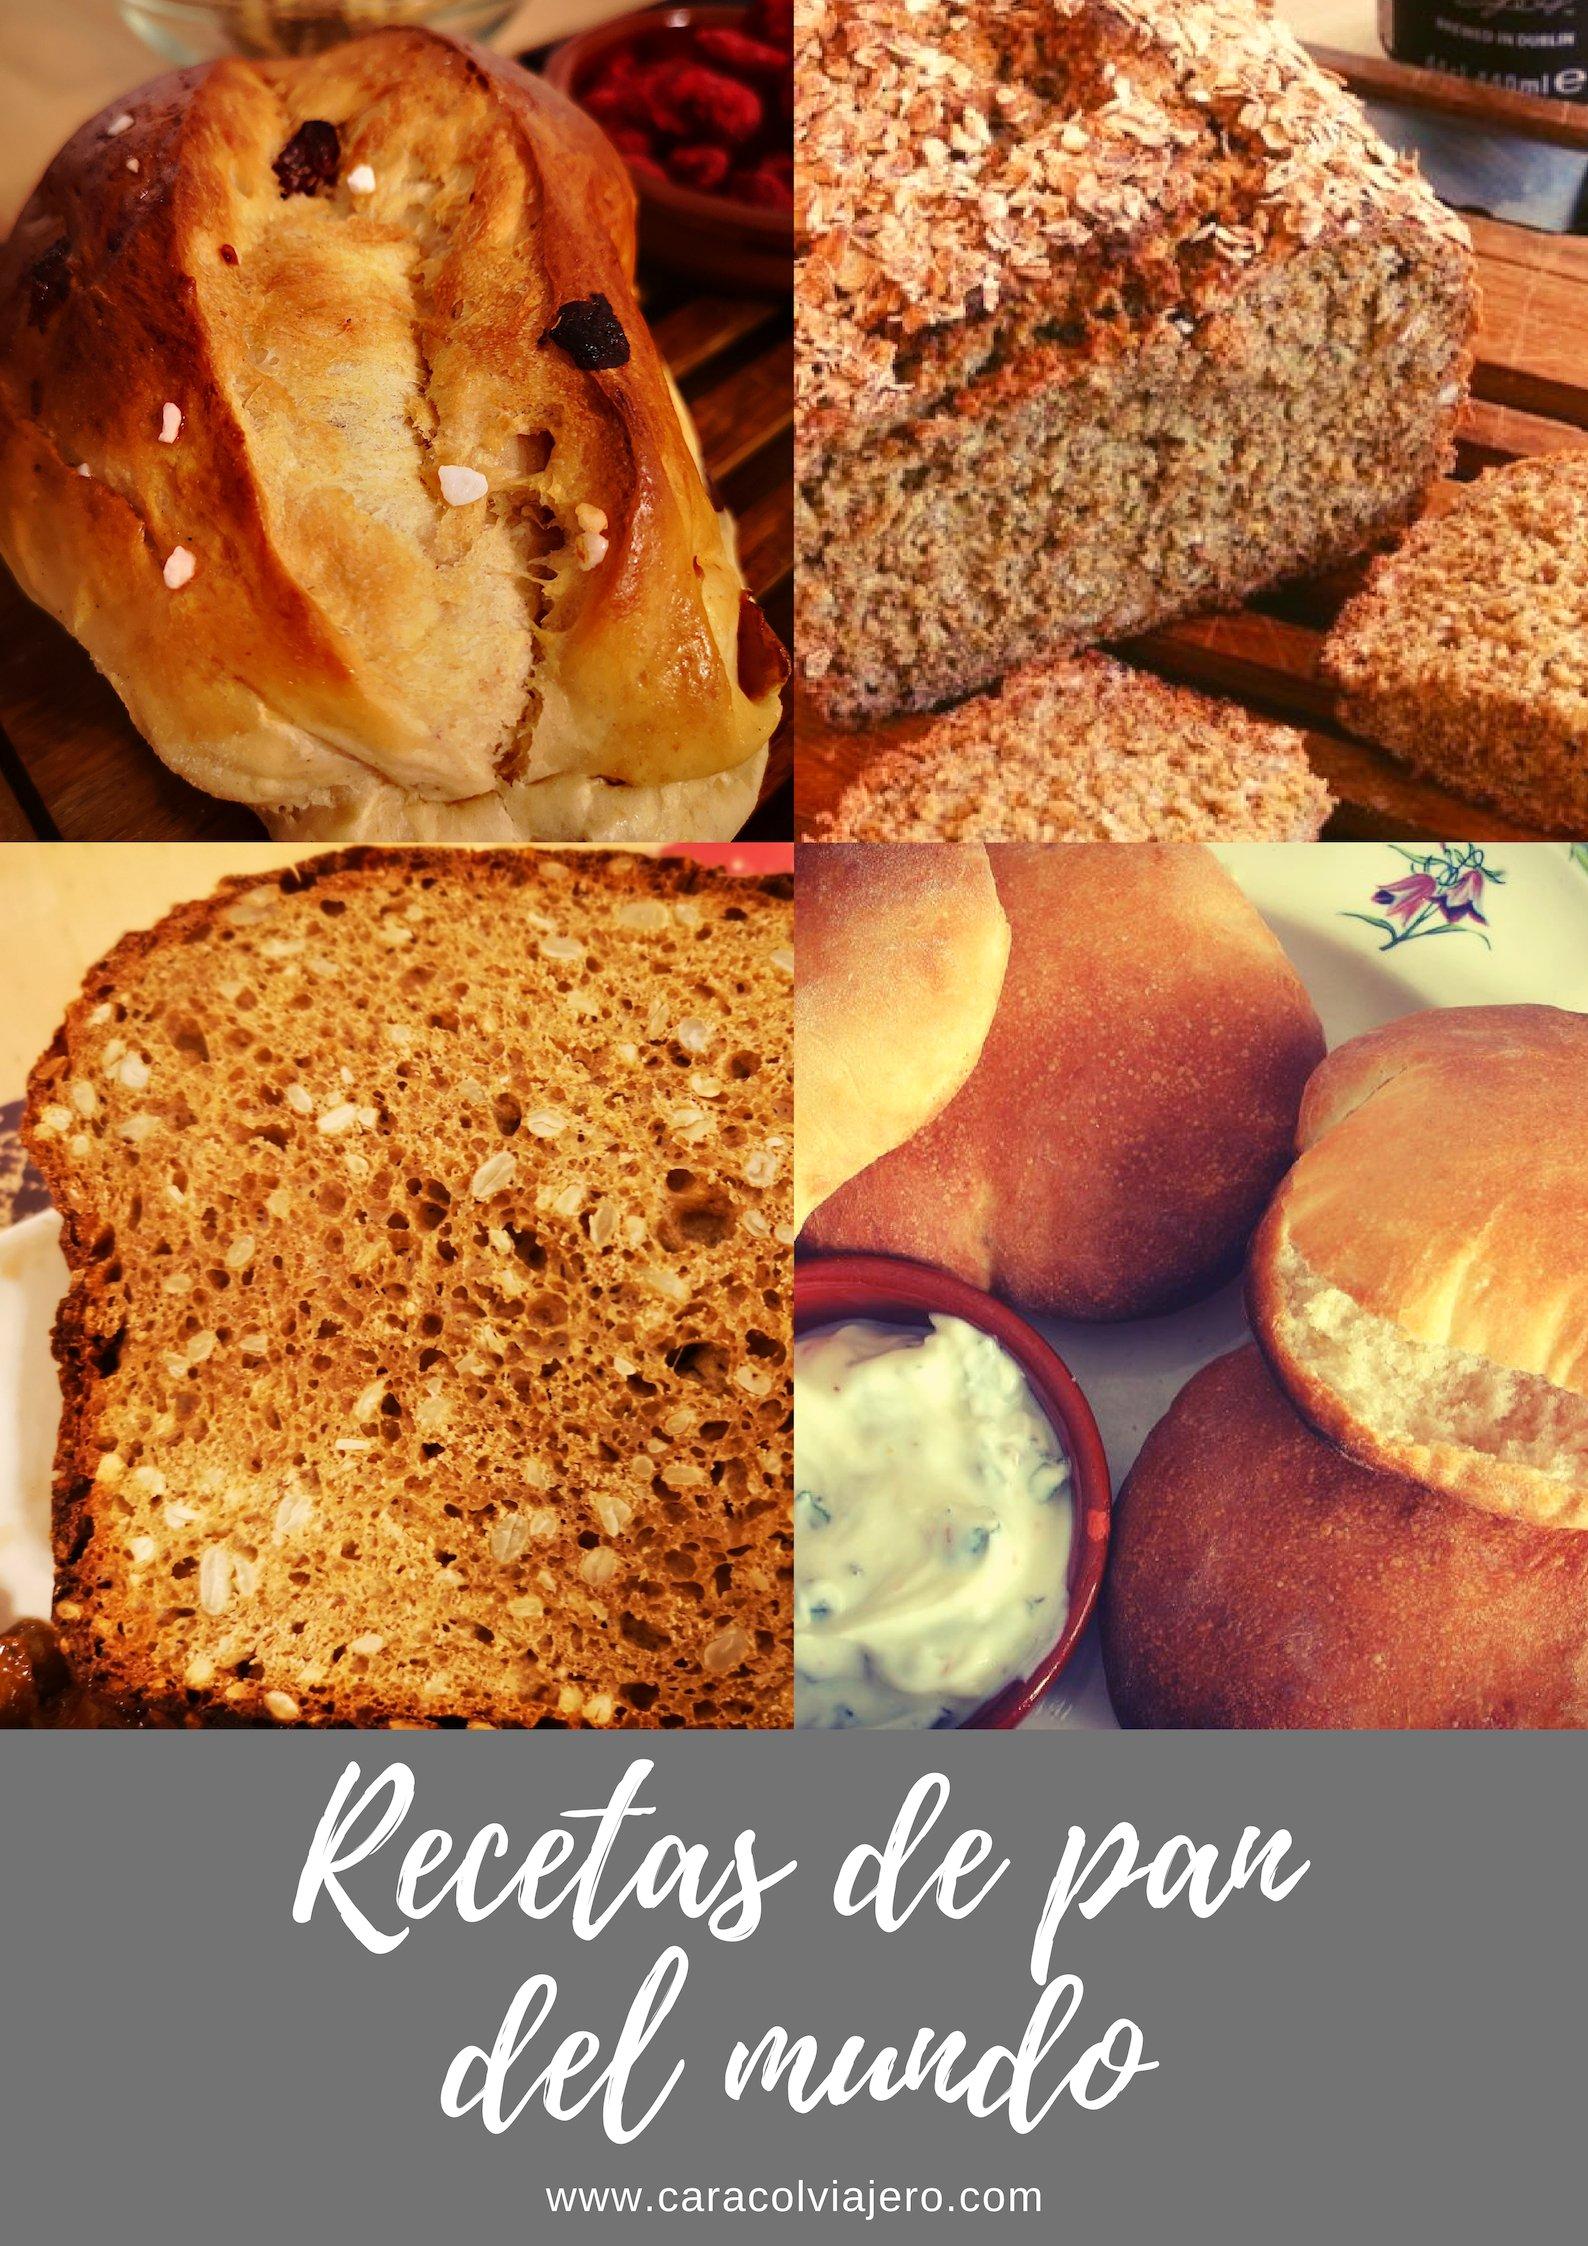 Pan del mundo - Recetas